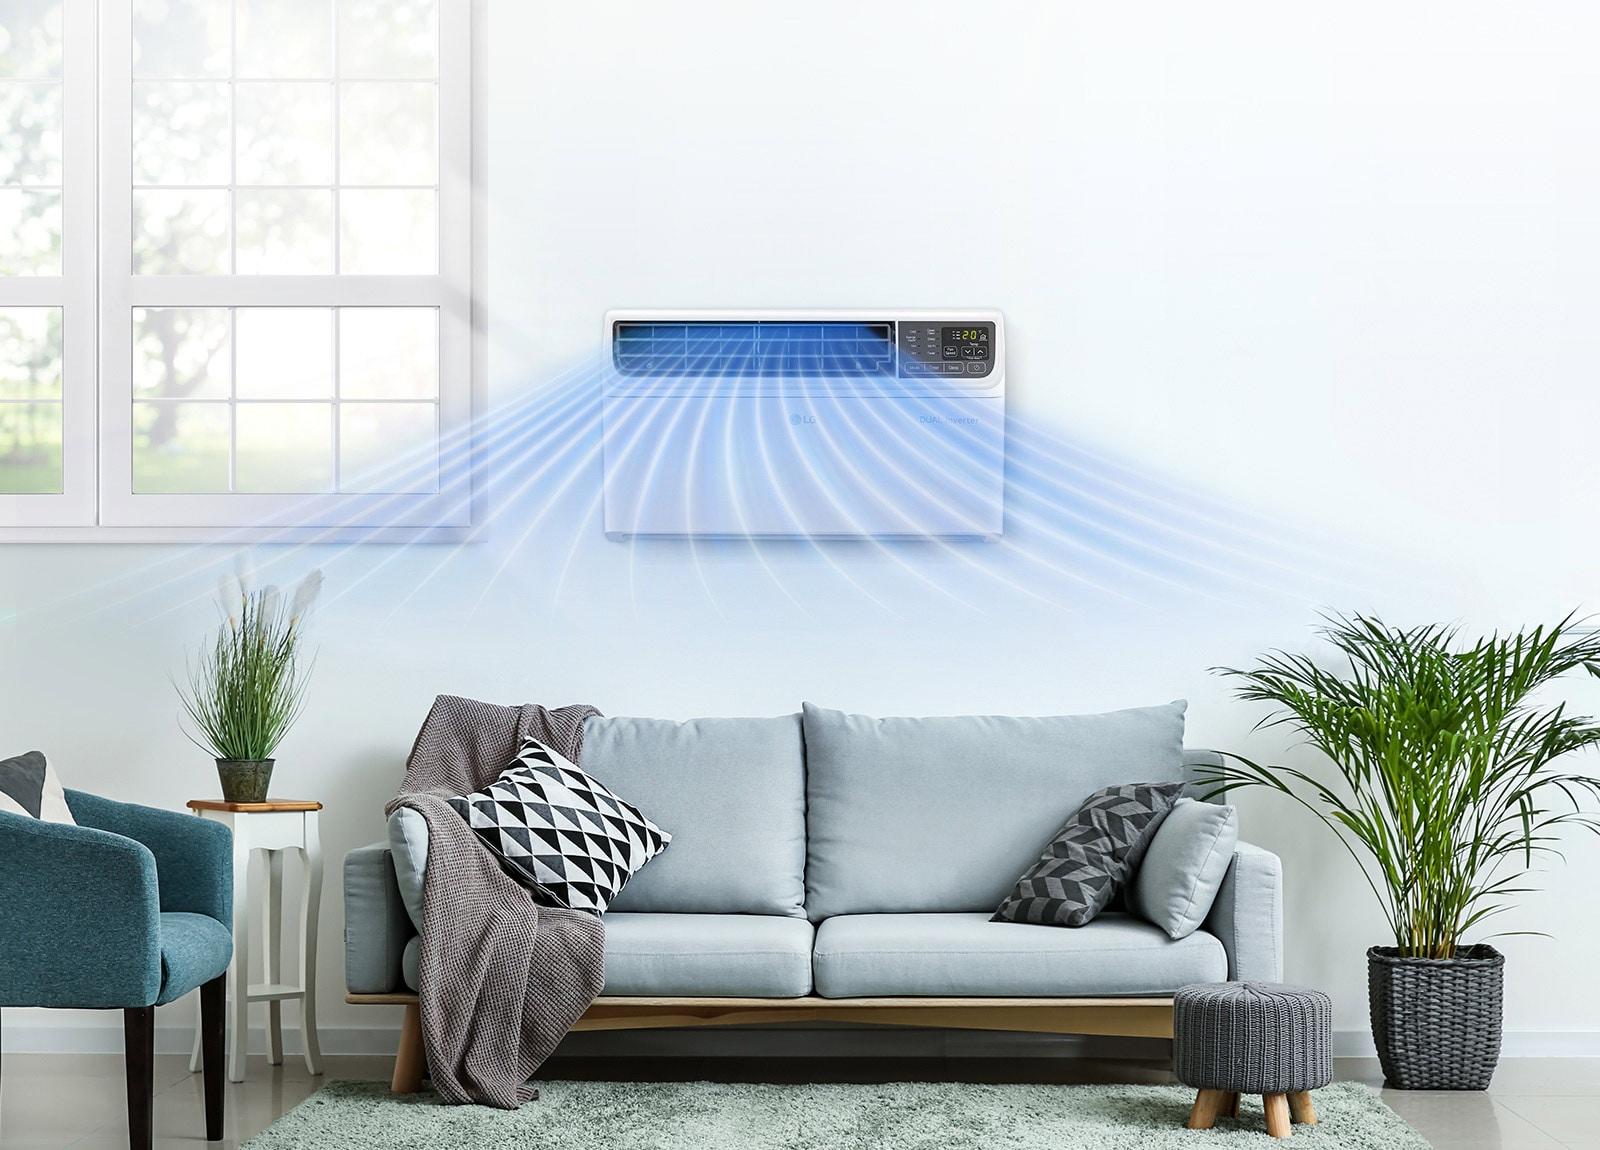 Maximum Cooling1